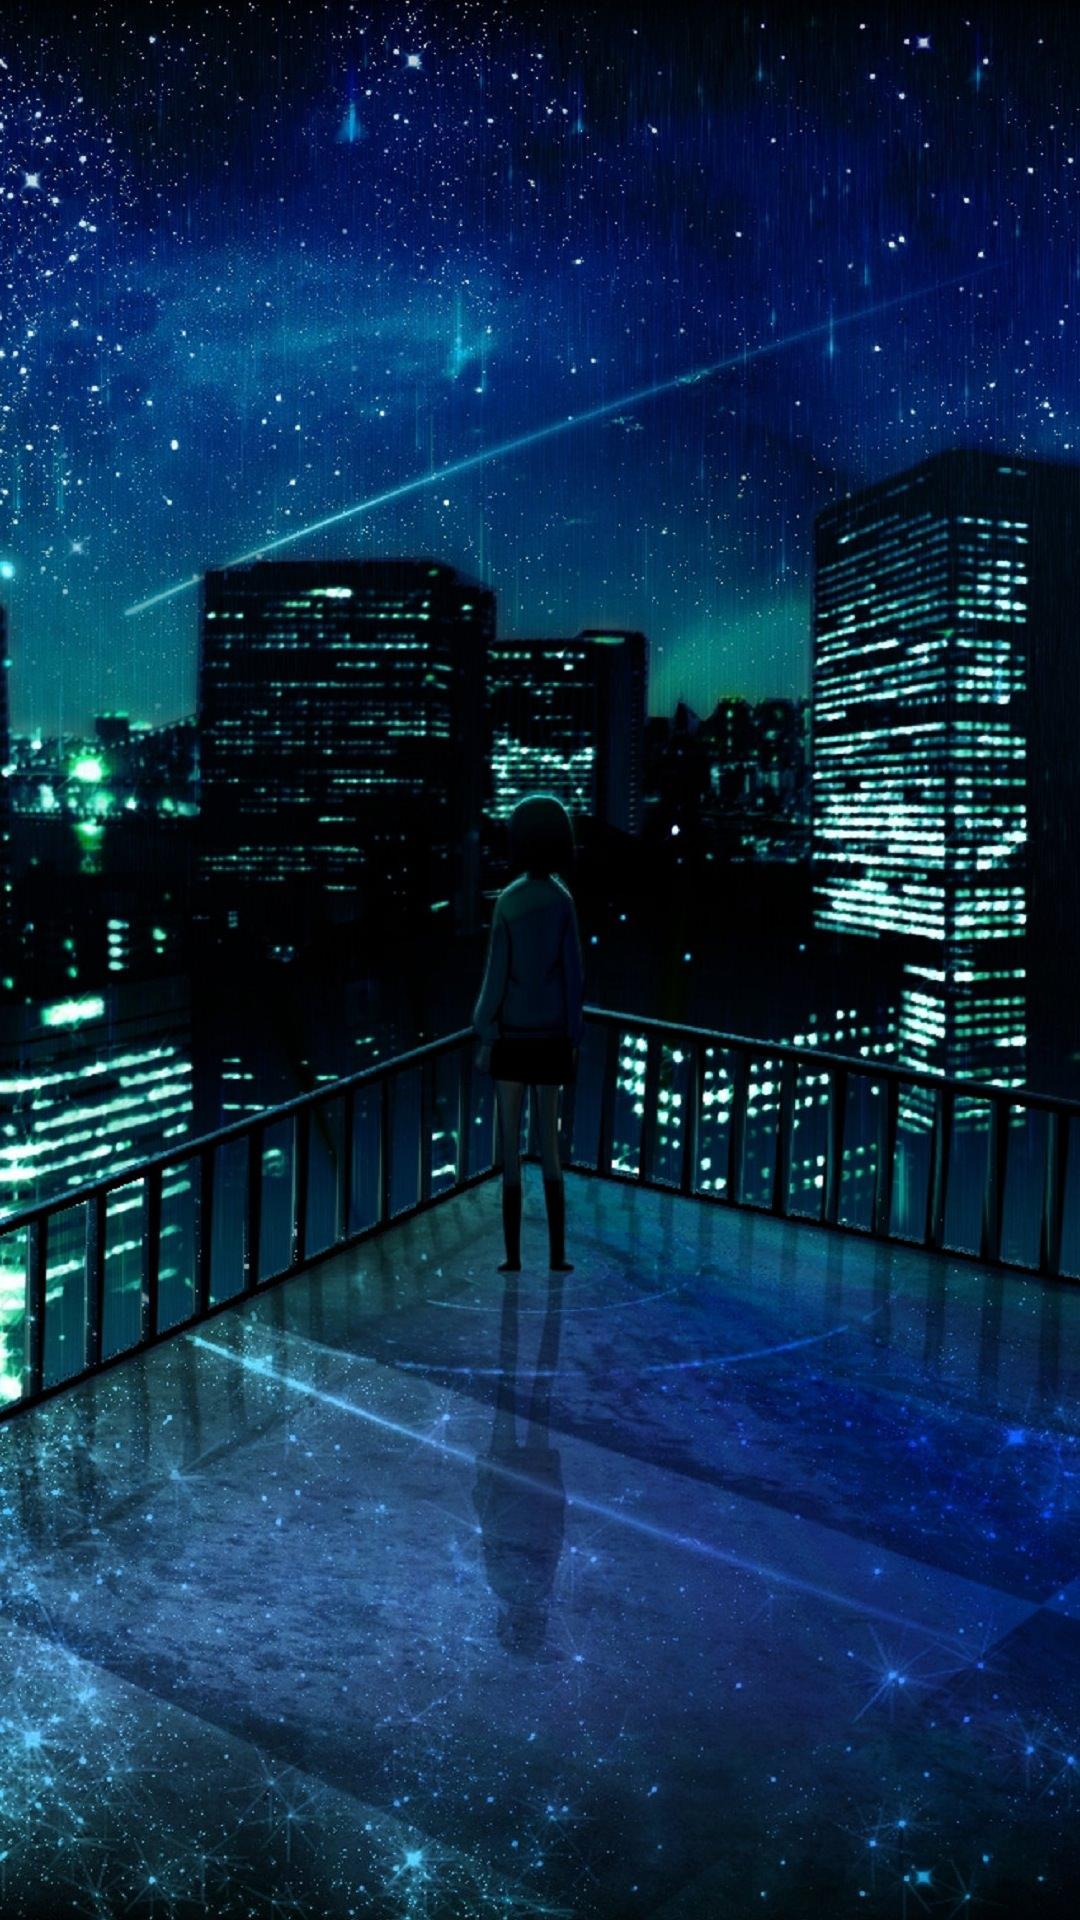 lansekap kota di malam hari  wallpaper.sc Android